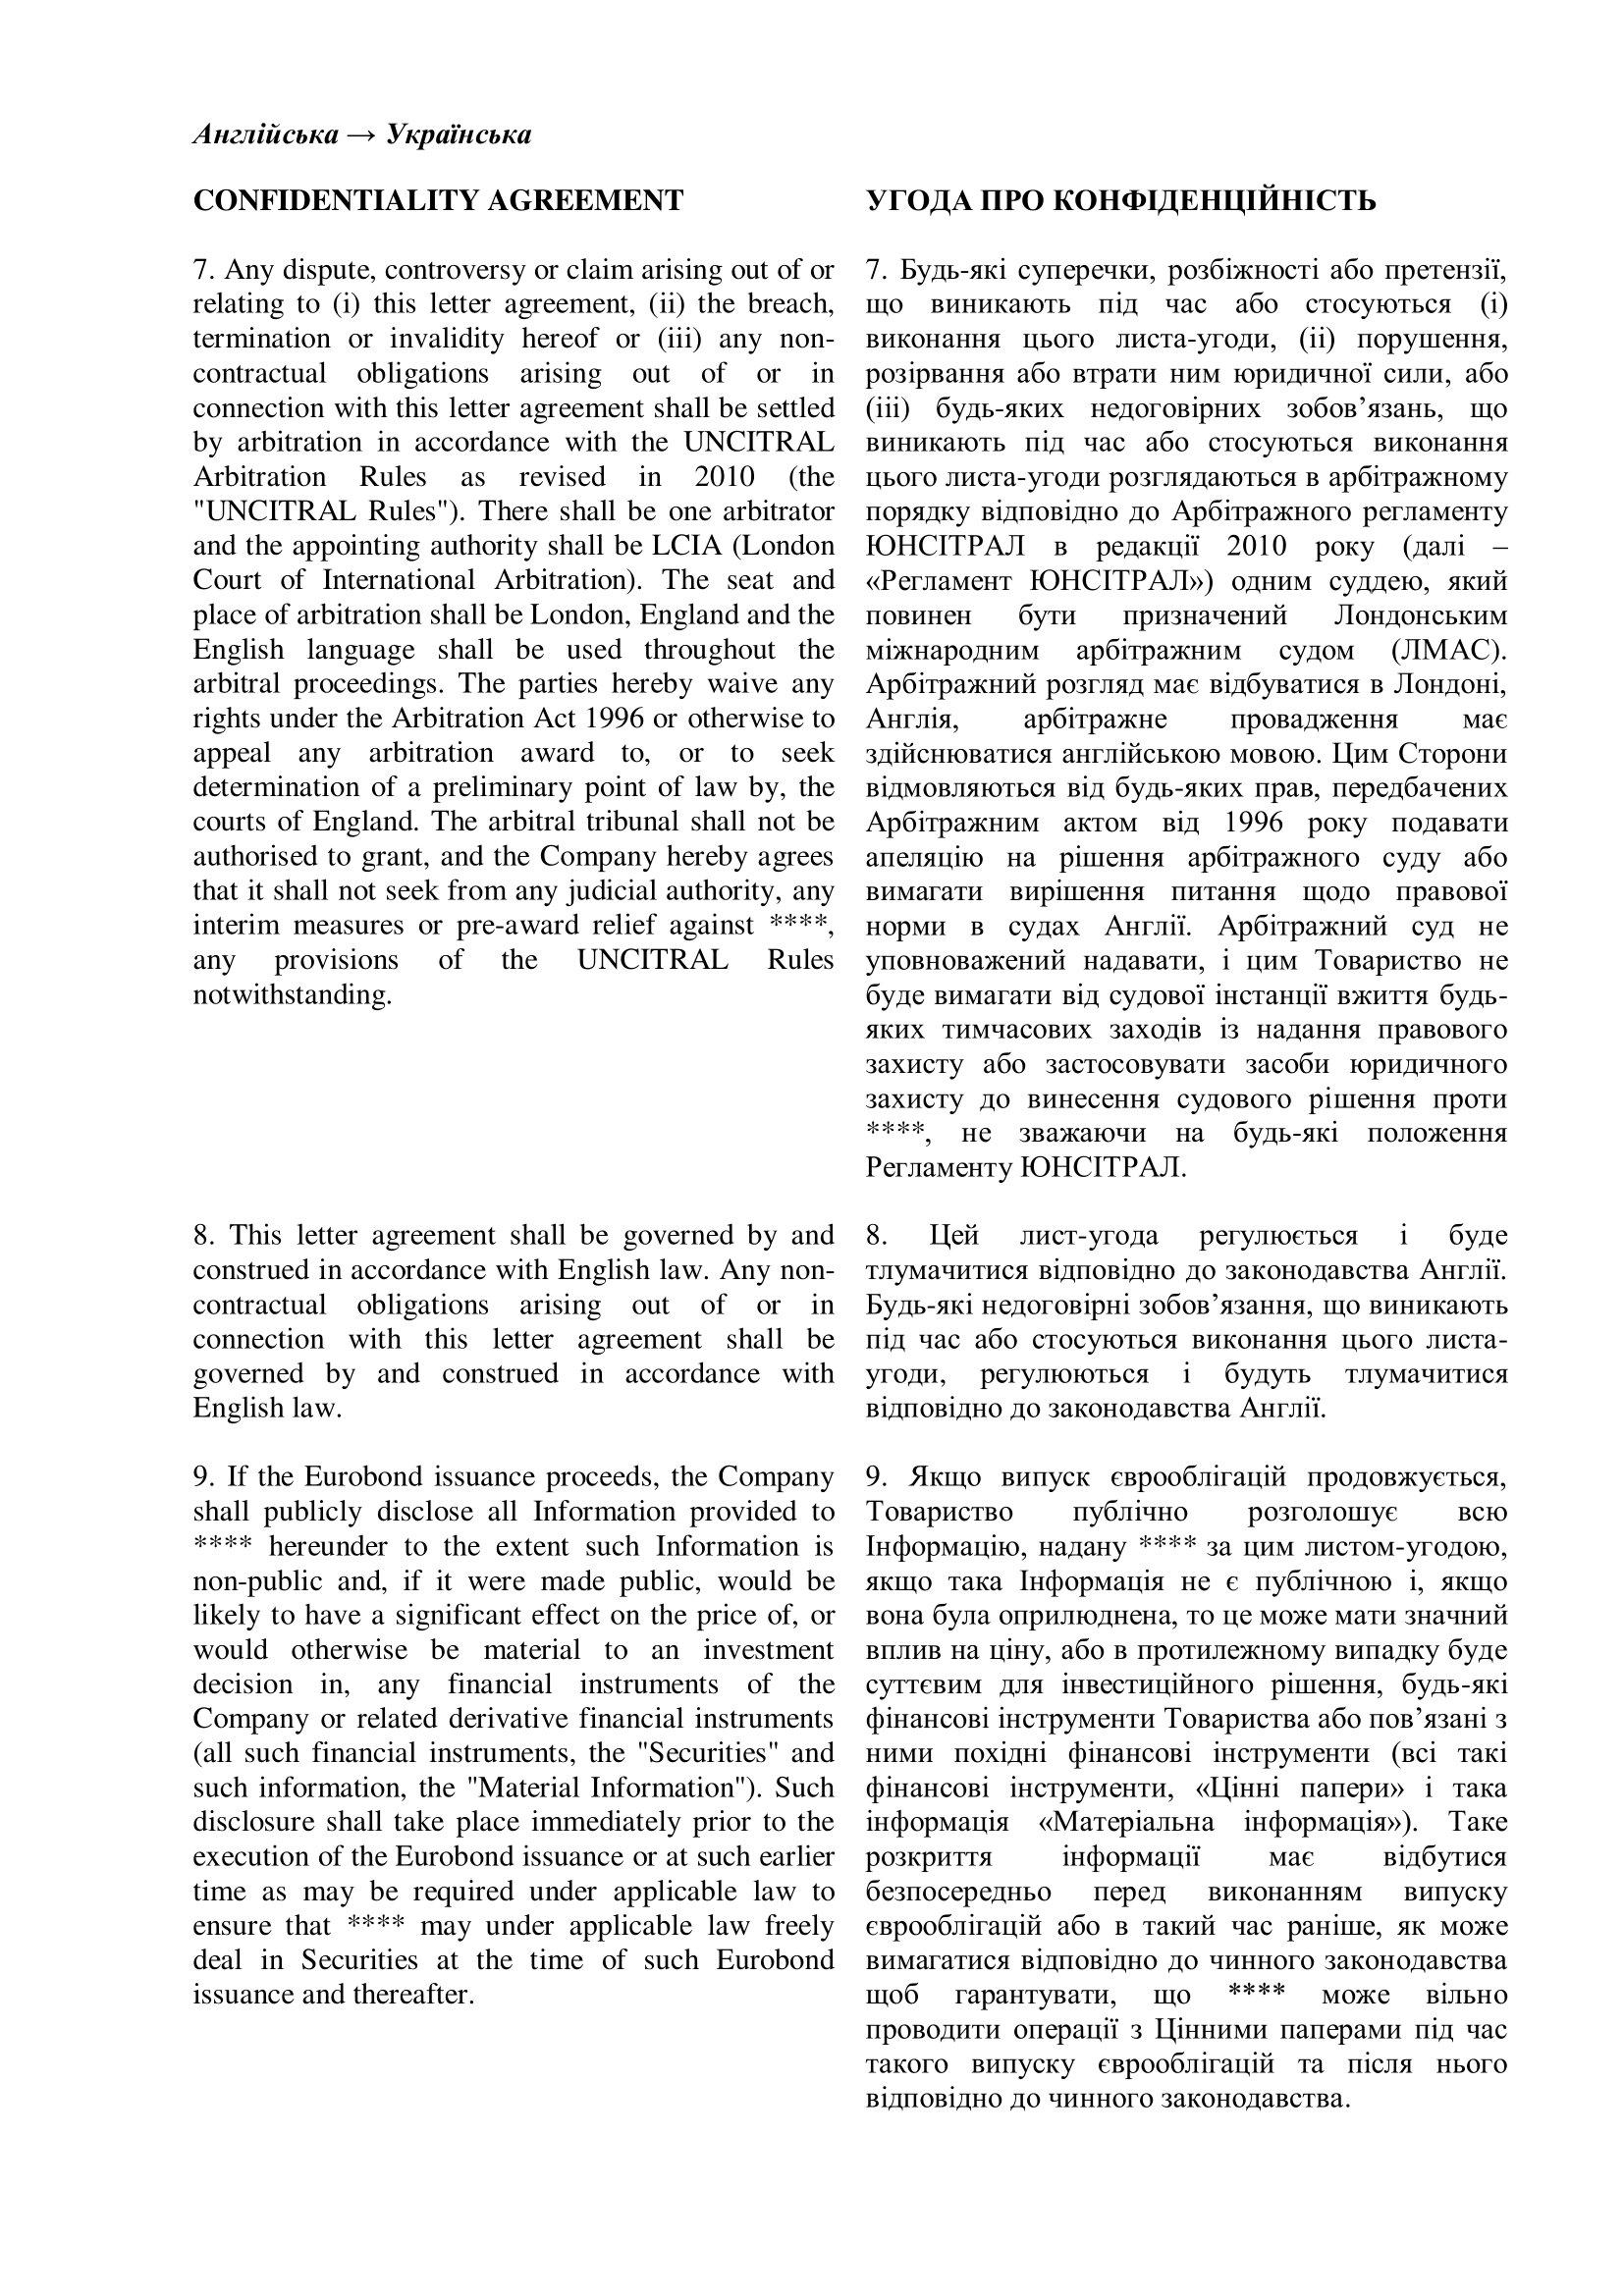 Фото  Перевод Соглашения о конфиденциальности с английского на украинский